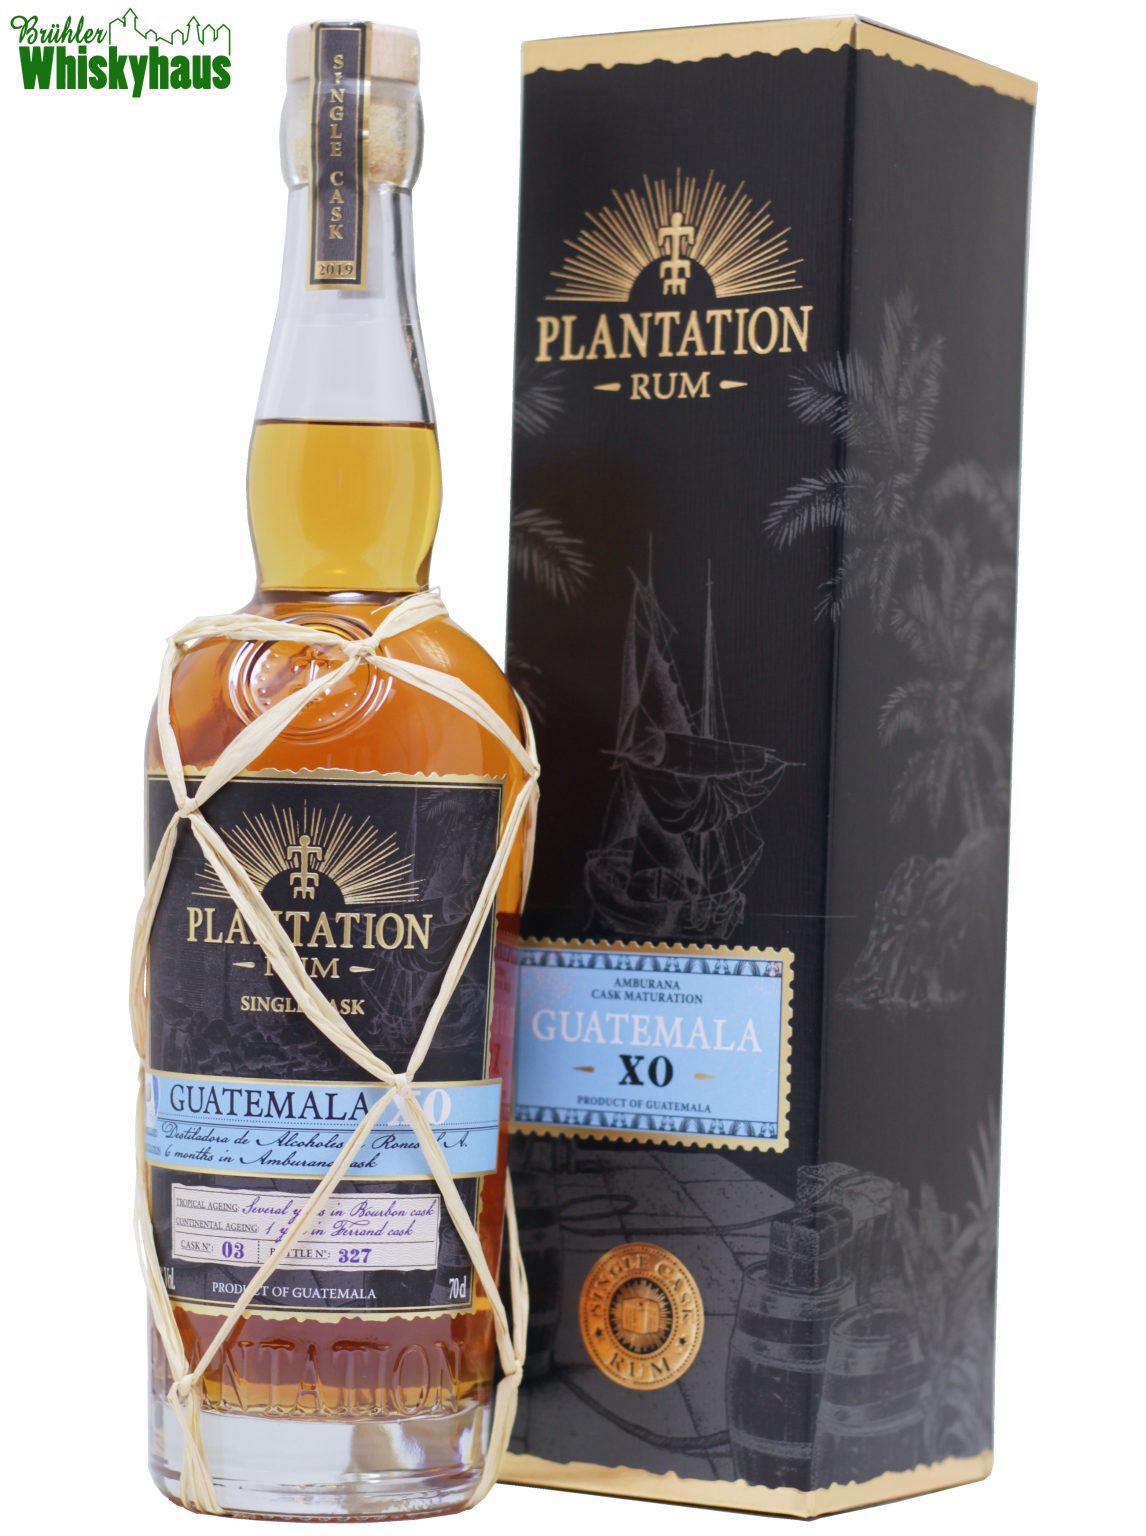 Guatemala XO - Cask No. 03 - Amburana Cask Finish - Plantation Single Cask Rum